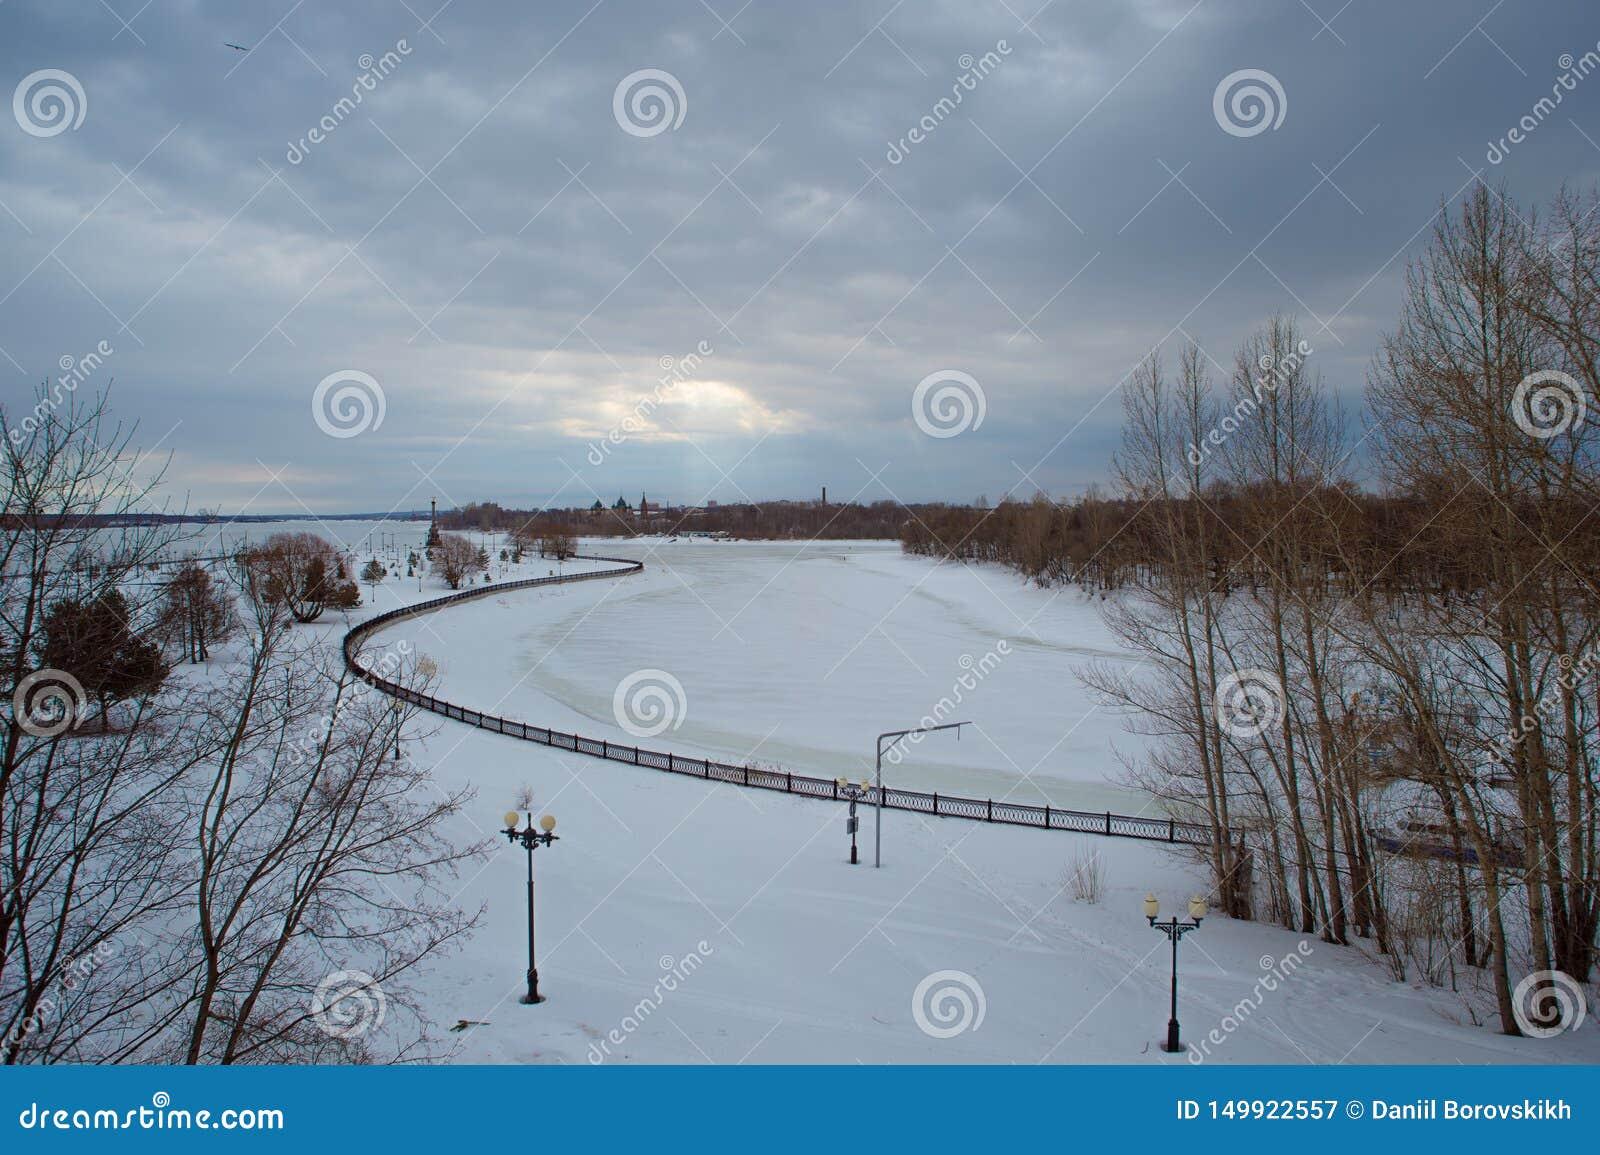 风景冬天河,在云彩的天空,光束